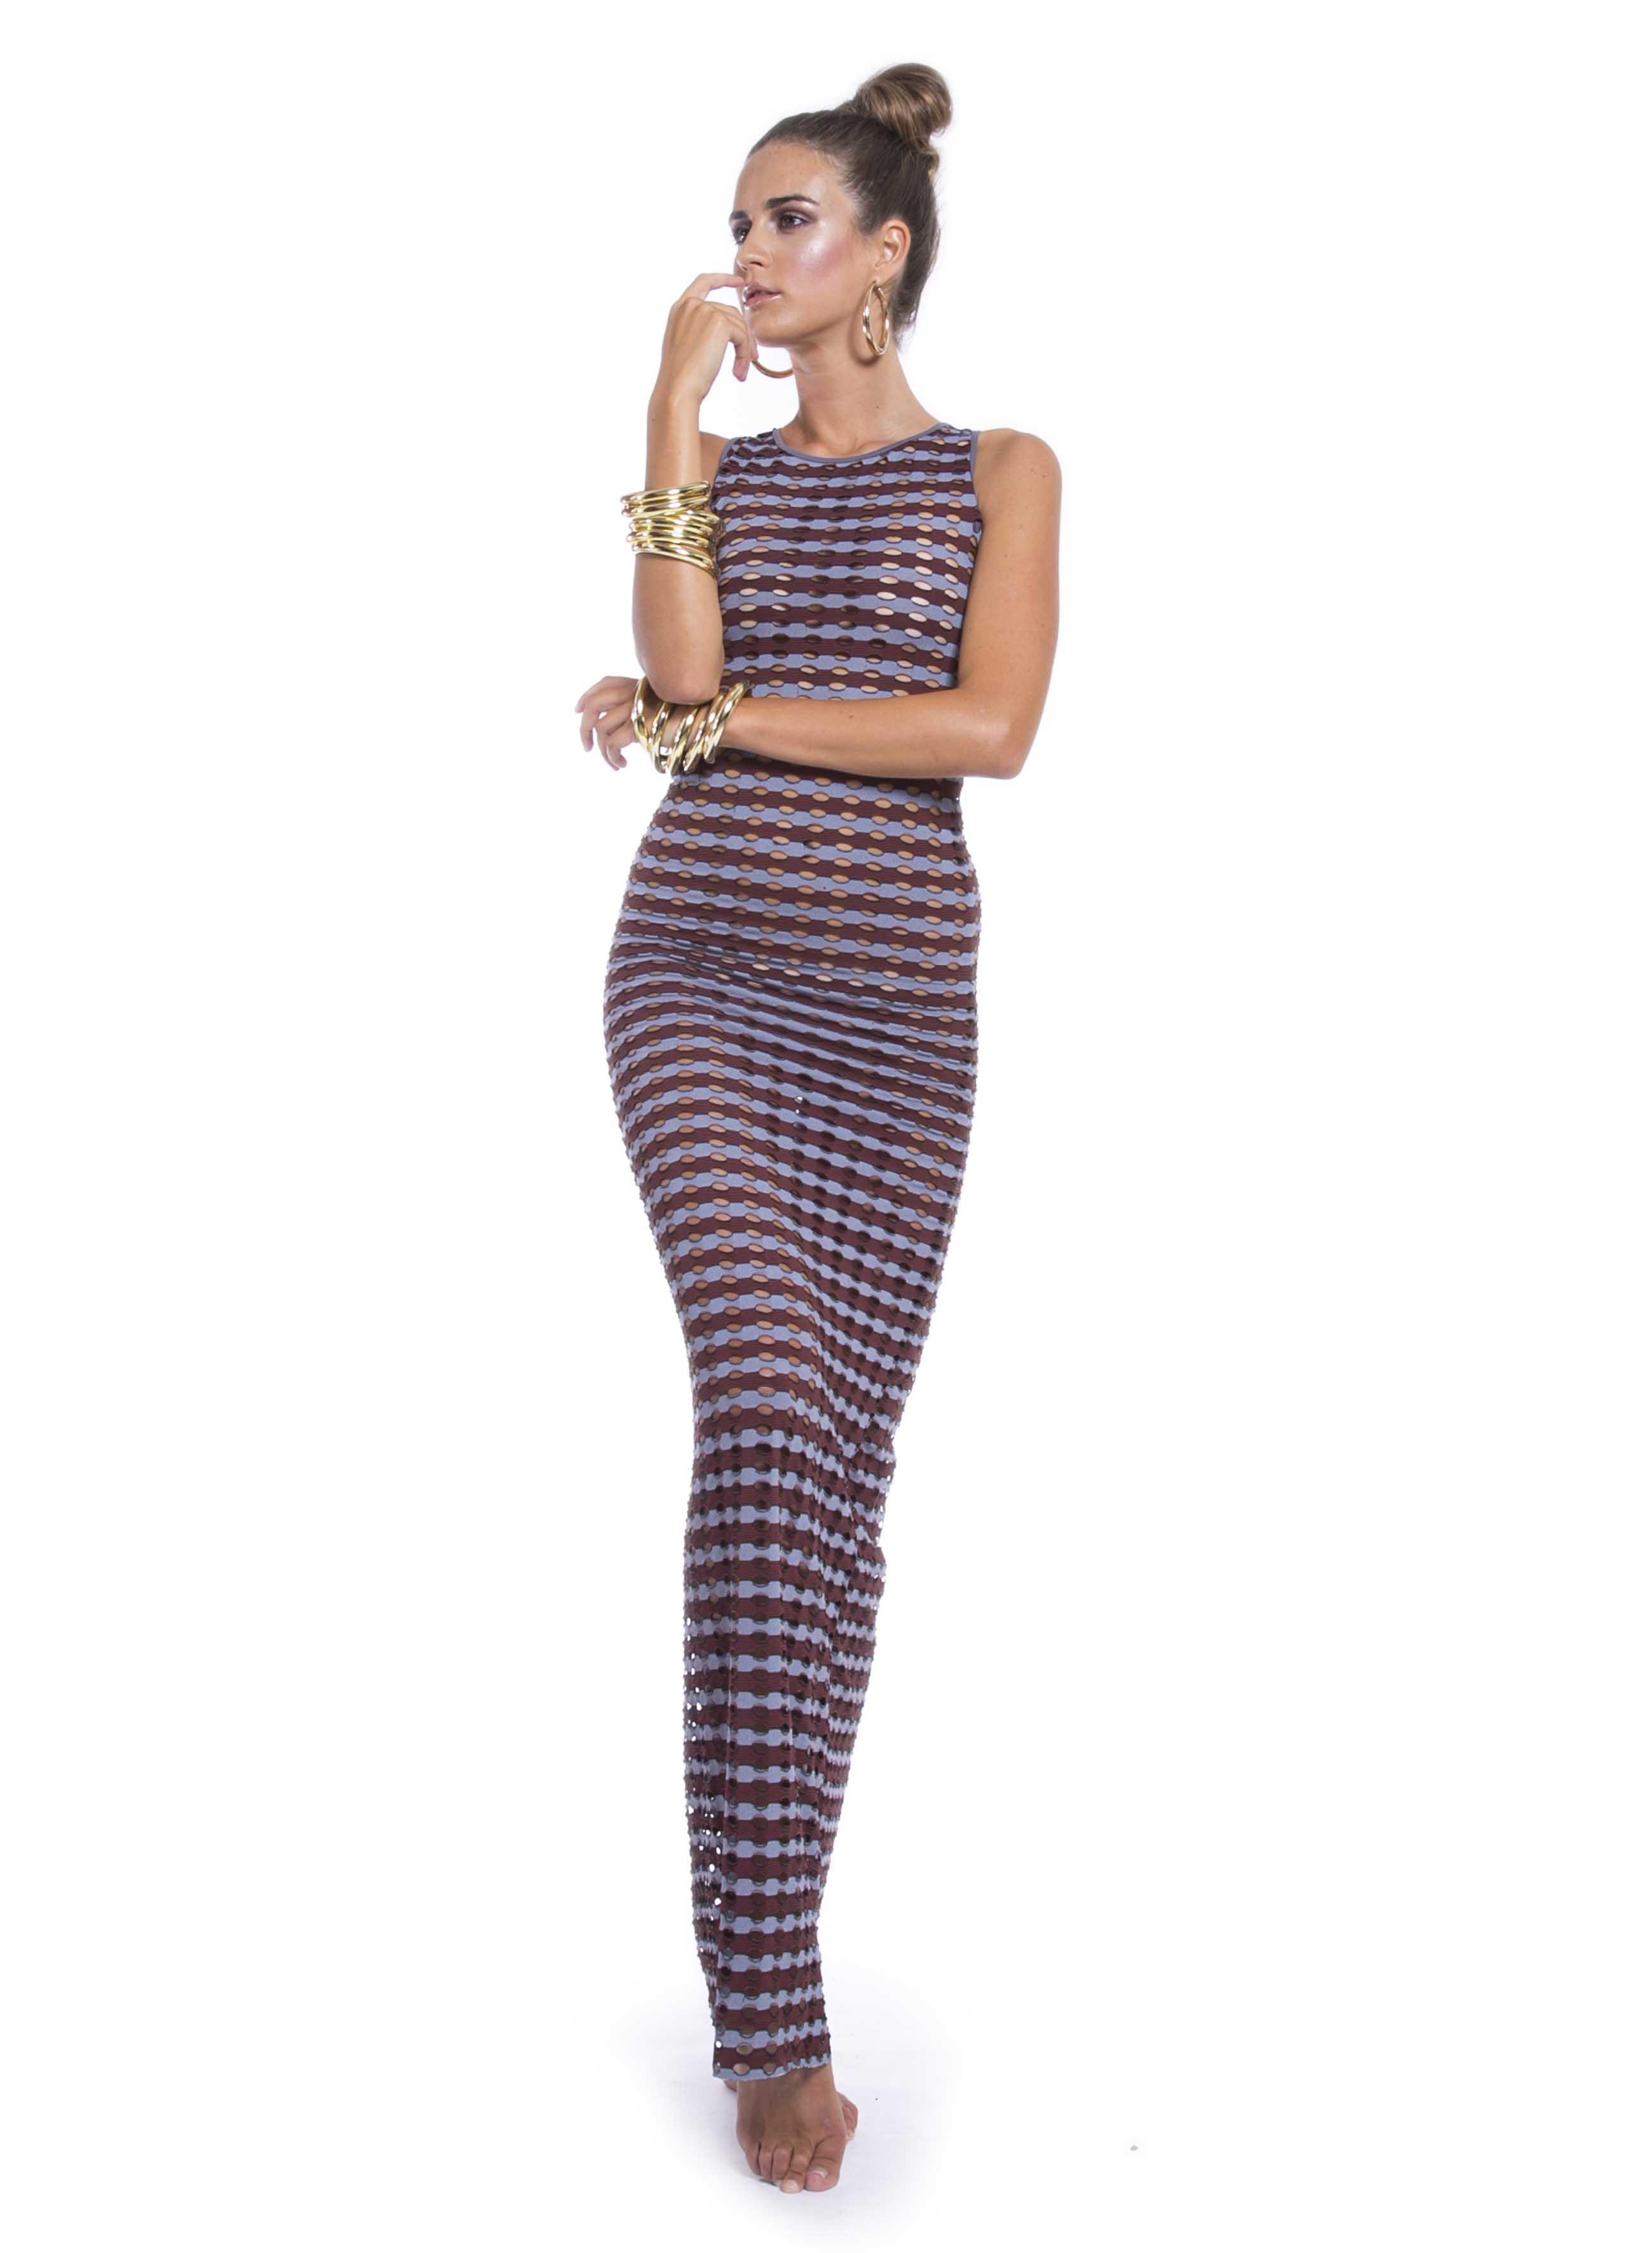 DRESS – TWIGGY STYLE